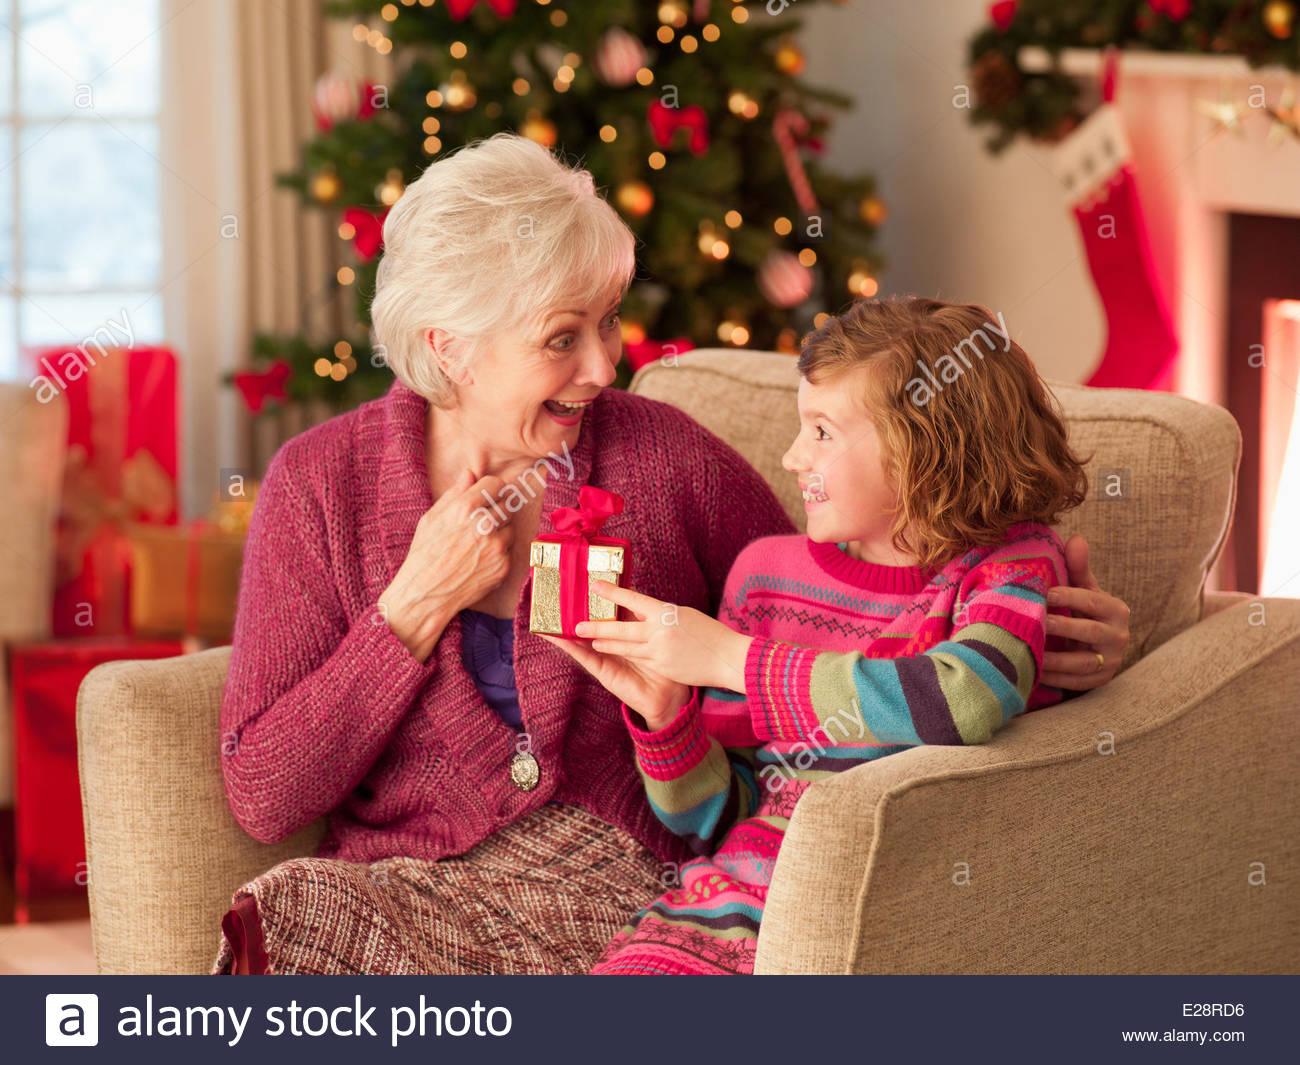 Girl and grandmother holding Christmas gift - Stock Image